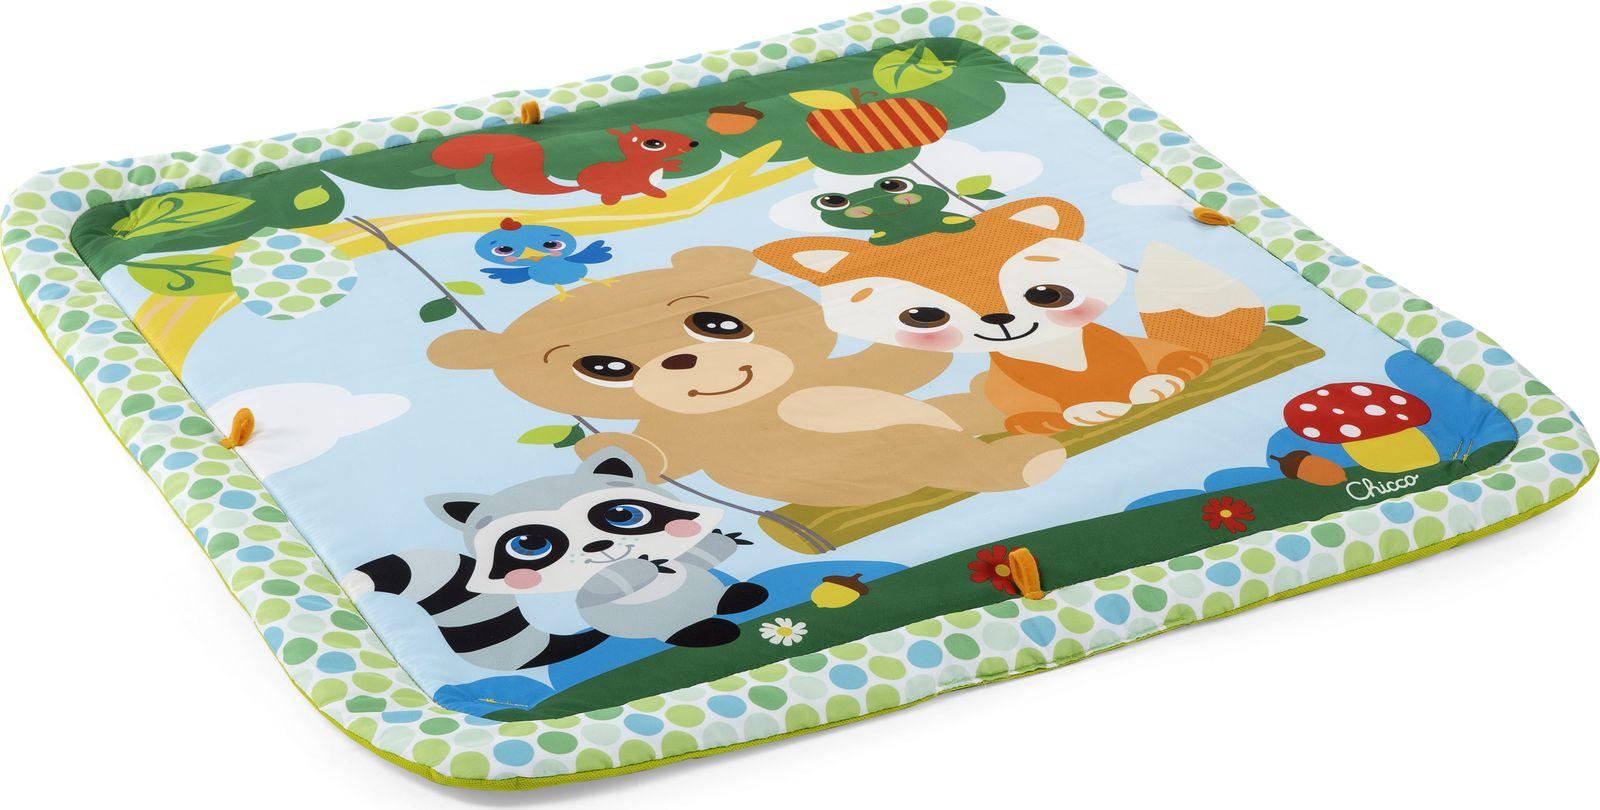 Игровой коврик Chicco Magic Forest Relax & Play Gym Волшебный лес, 00009716000000 развивающий центр chicco волшебный замок принцесс disney